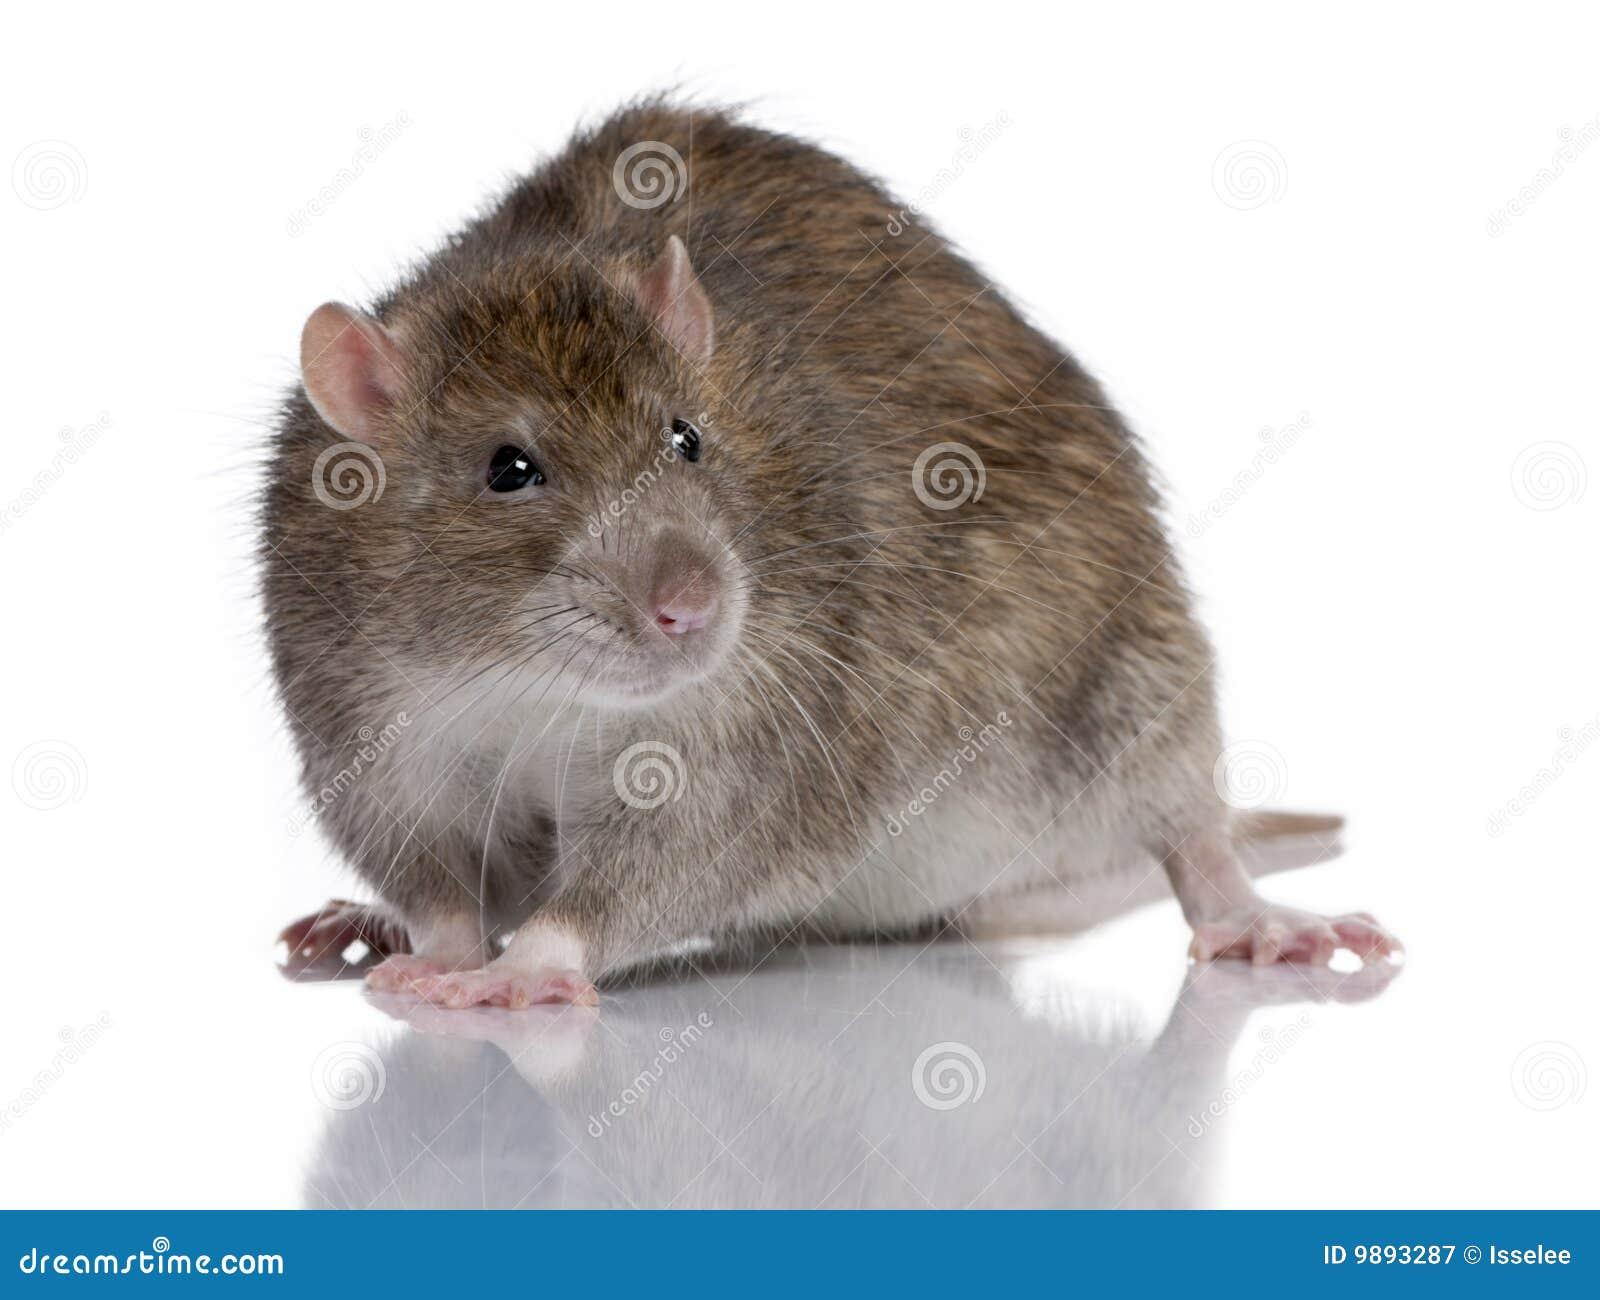 how to use quasar rat